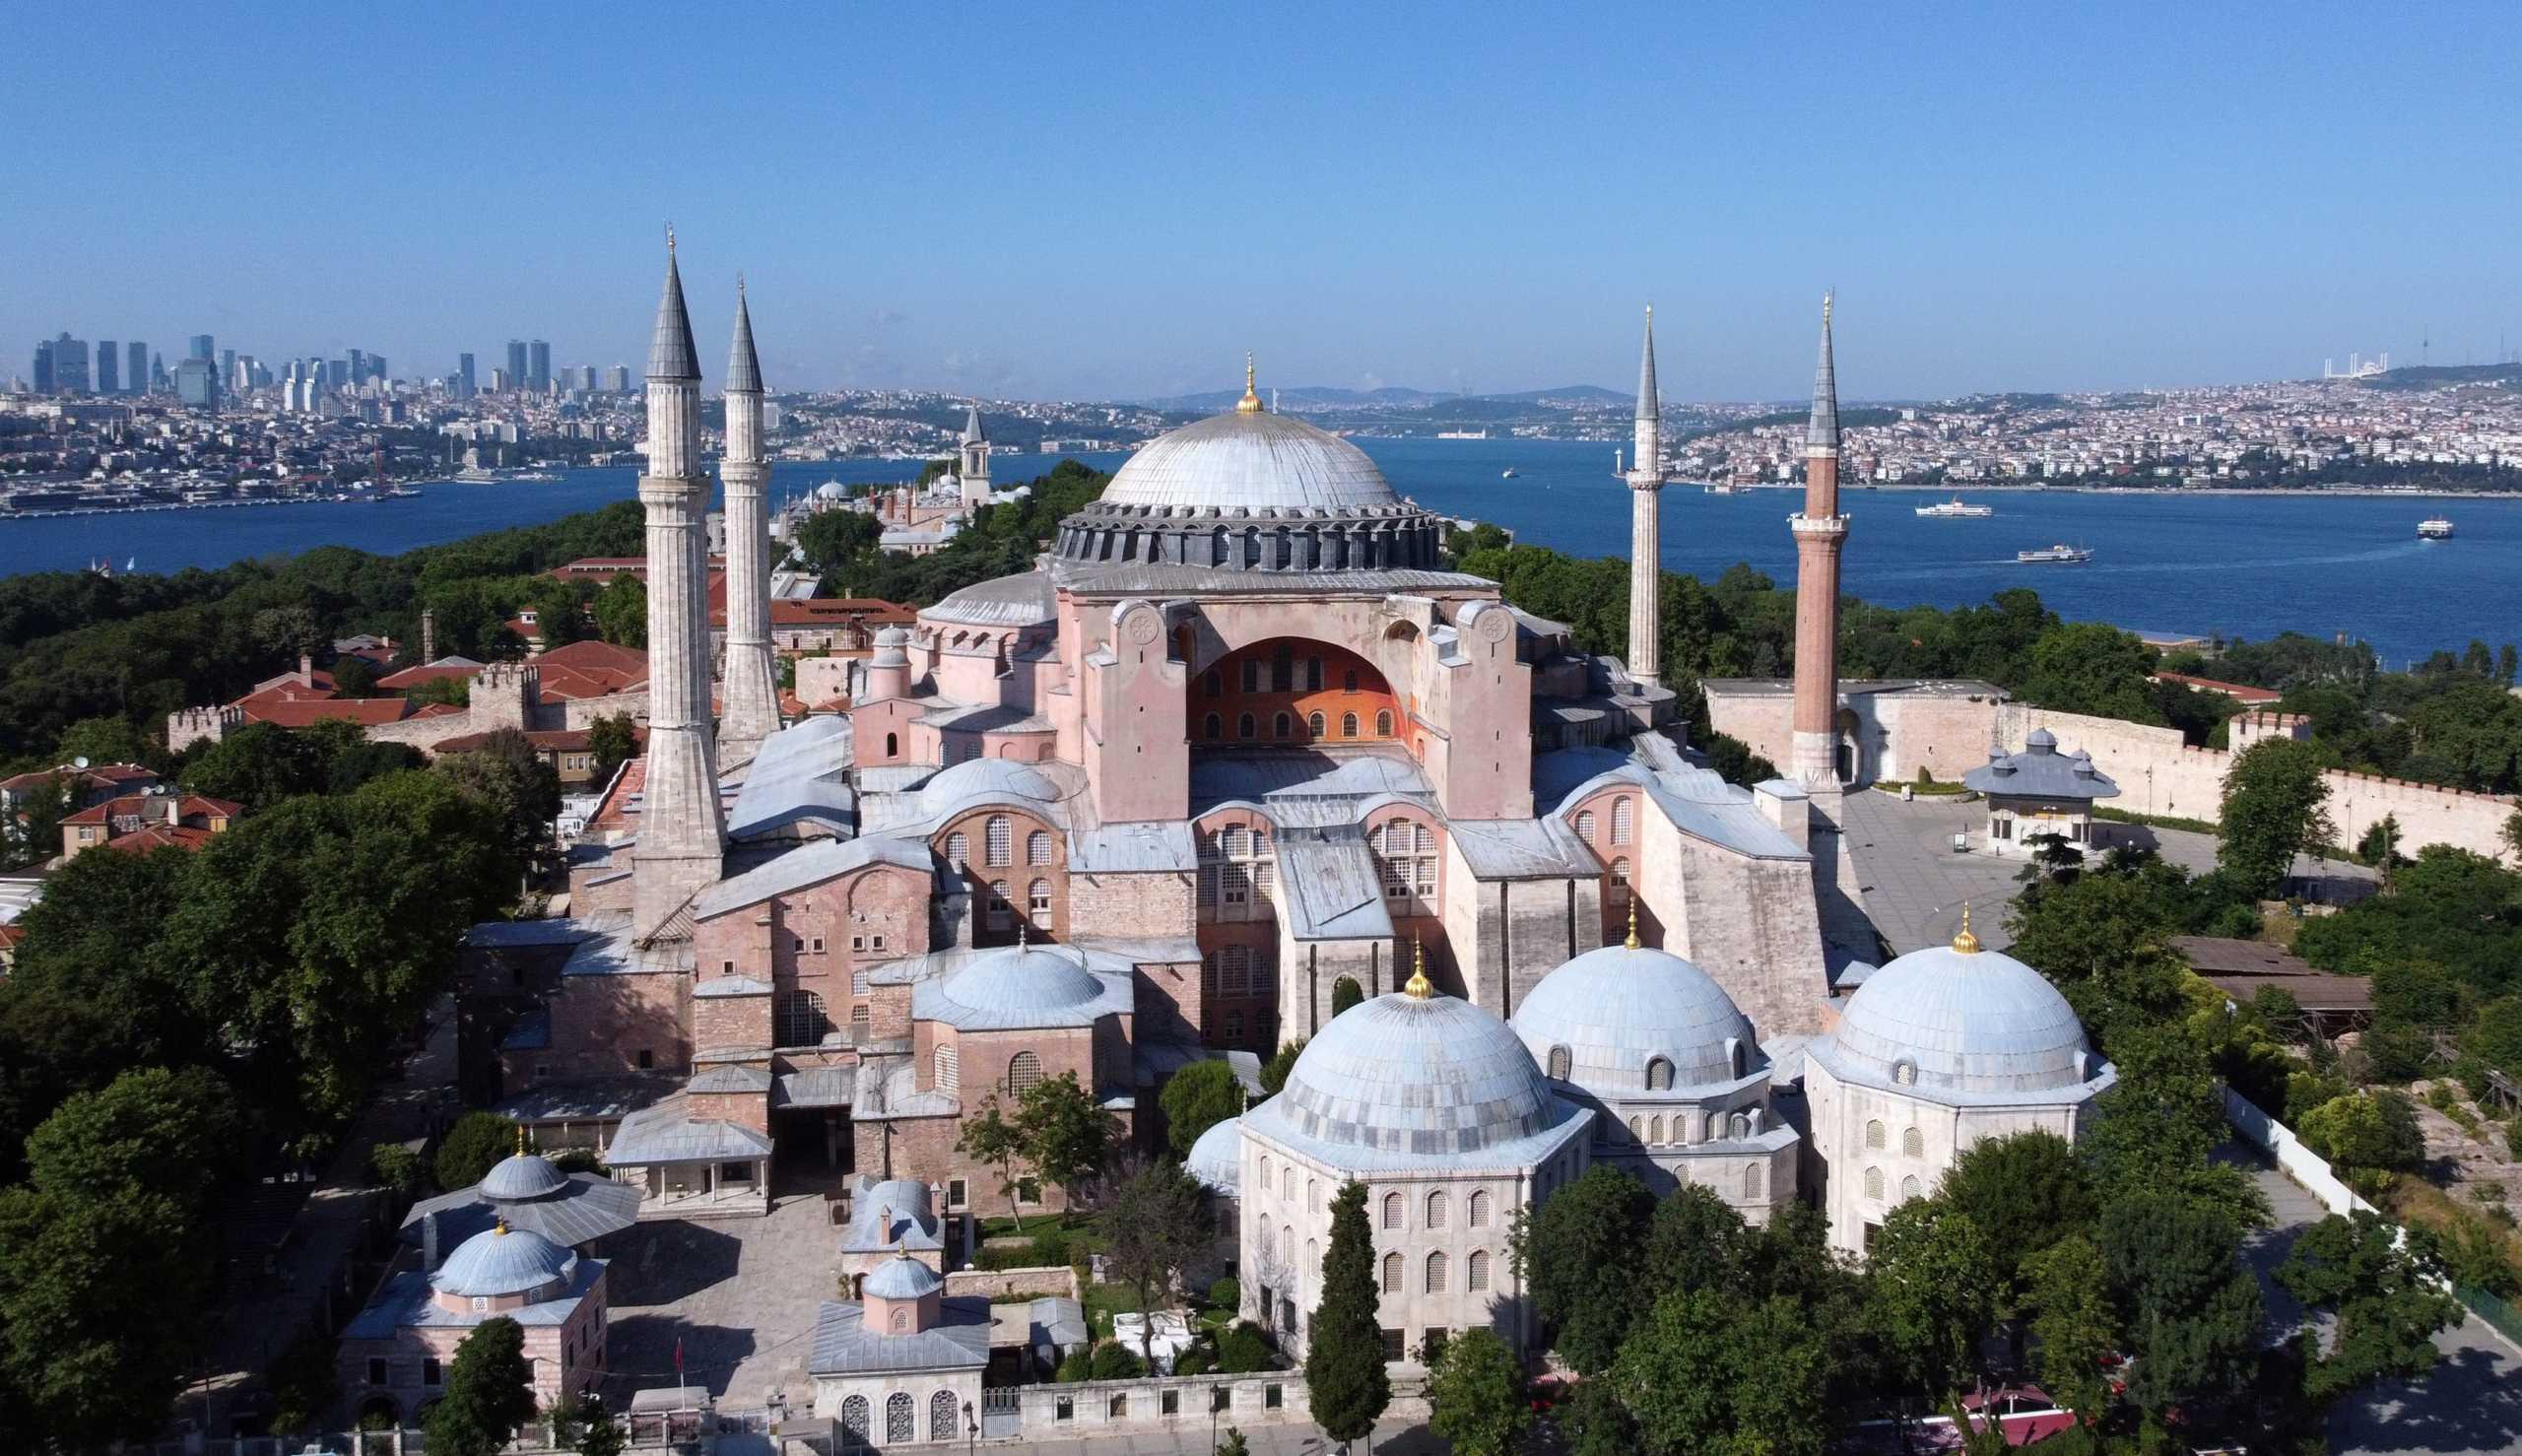 Γιατί ο Ερντογάν θέλει την Αγιά Σοφιά τζαμί: Ένας Τούρκος θεολόγος «ξεγυμνώνει» τον «σουλτάνο»